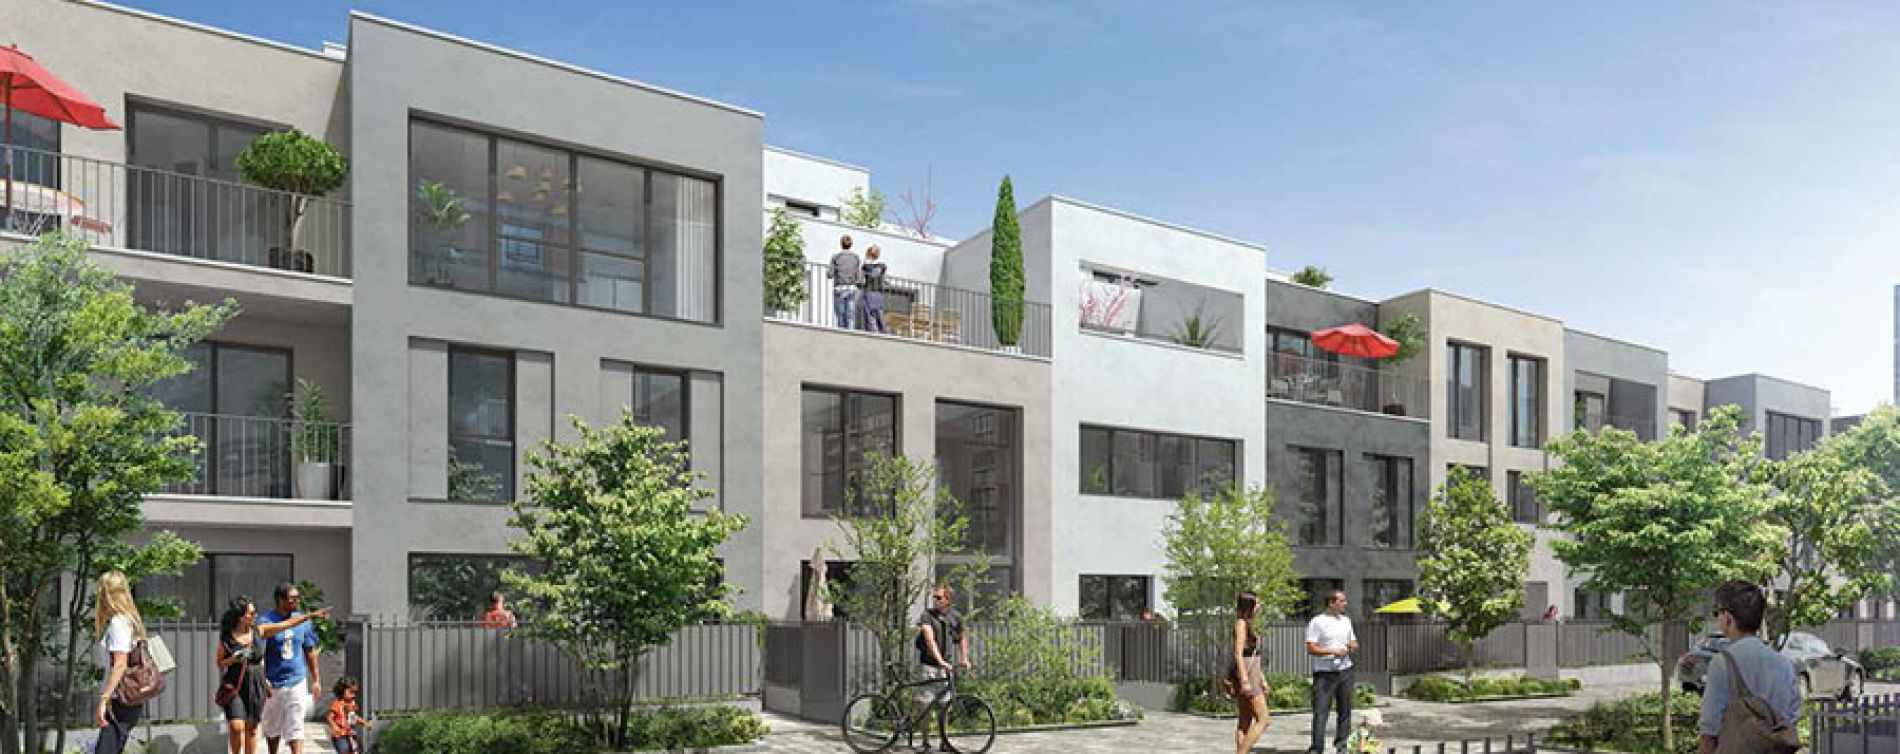 Évry : programme immobilier neuve « Bio Valley » (3)